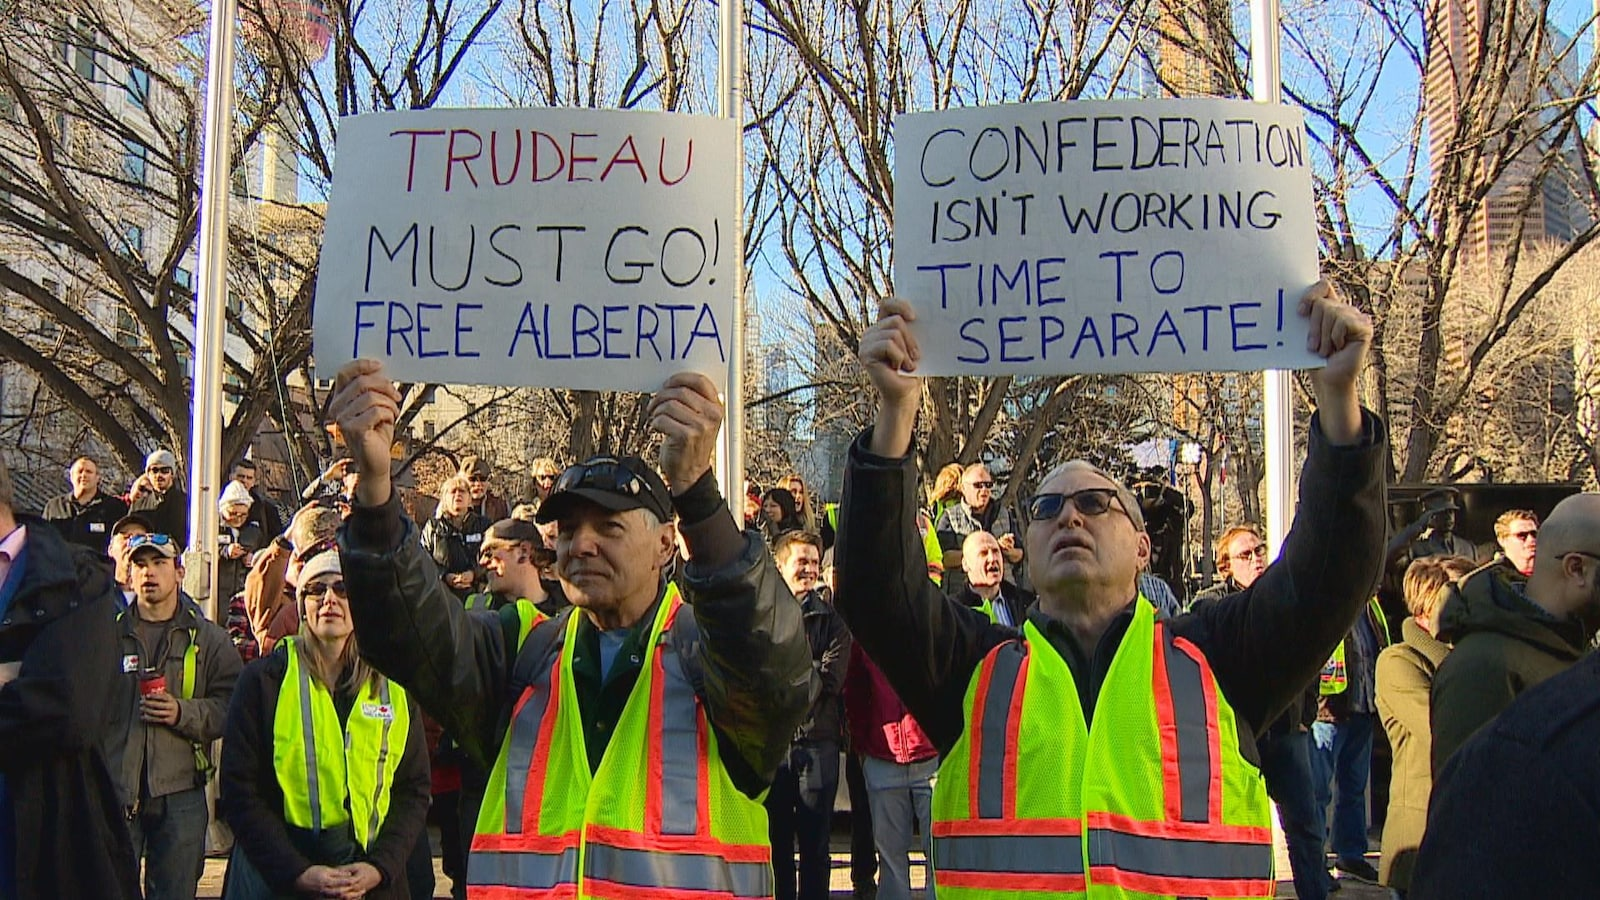 Deux manifestants à un ralliement en faveur de l'énergie pétrolière  portent des pancartes en faveur de l'indépendance de l'Alberta.